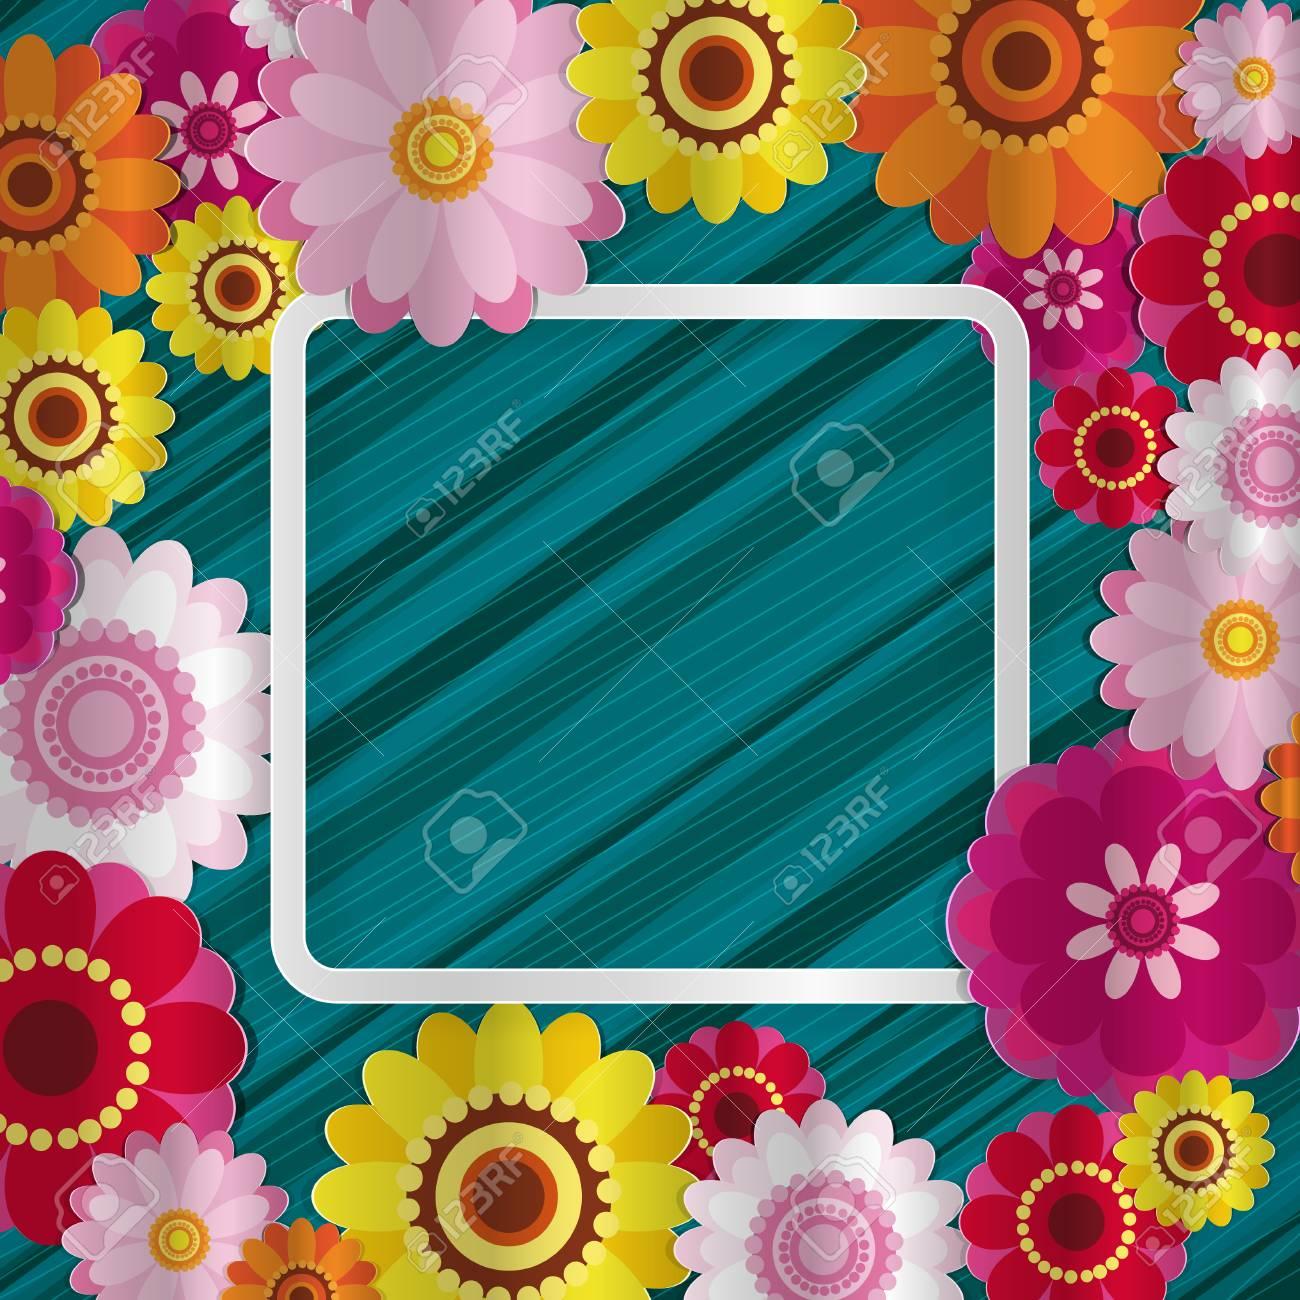 Frühling Gratulieren Floralen Hintergrund. Festliche Papier Blumen ...